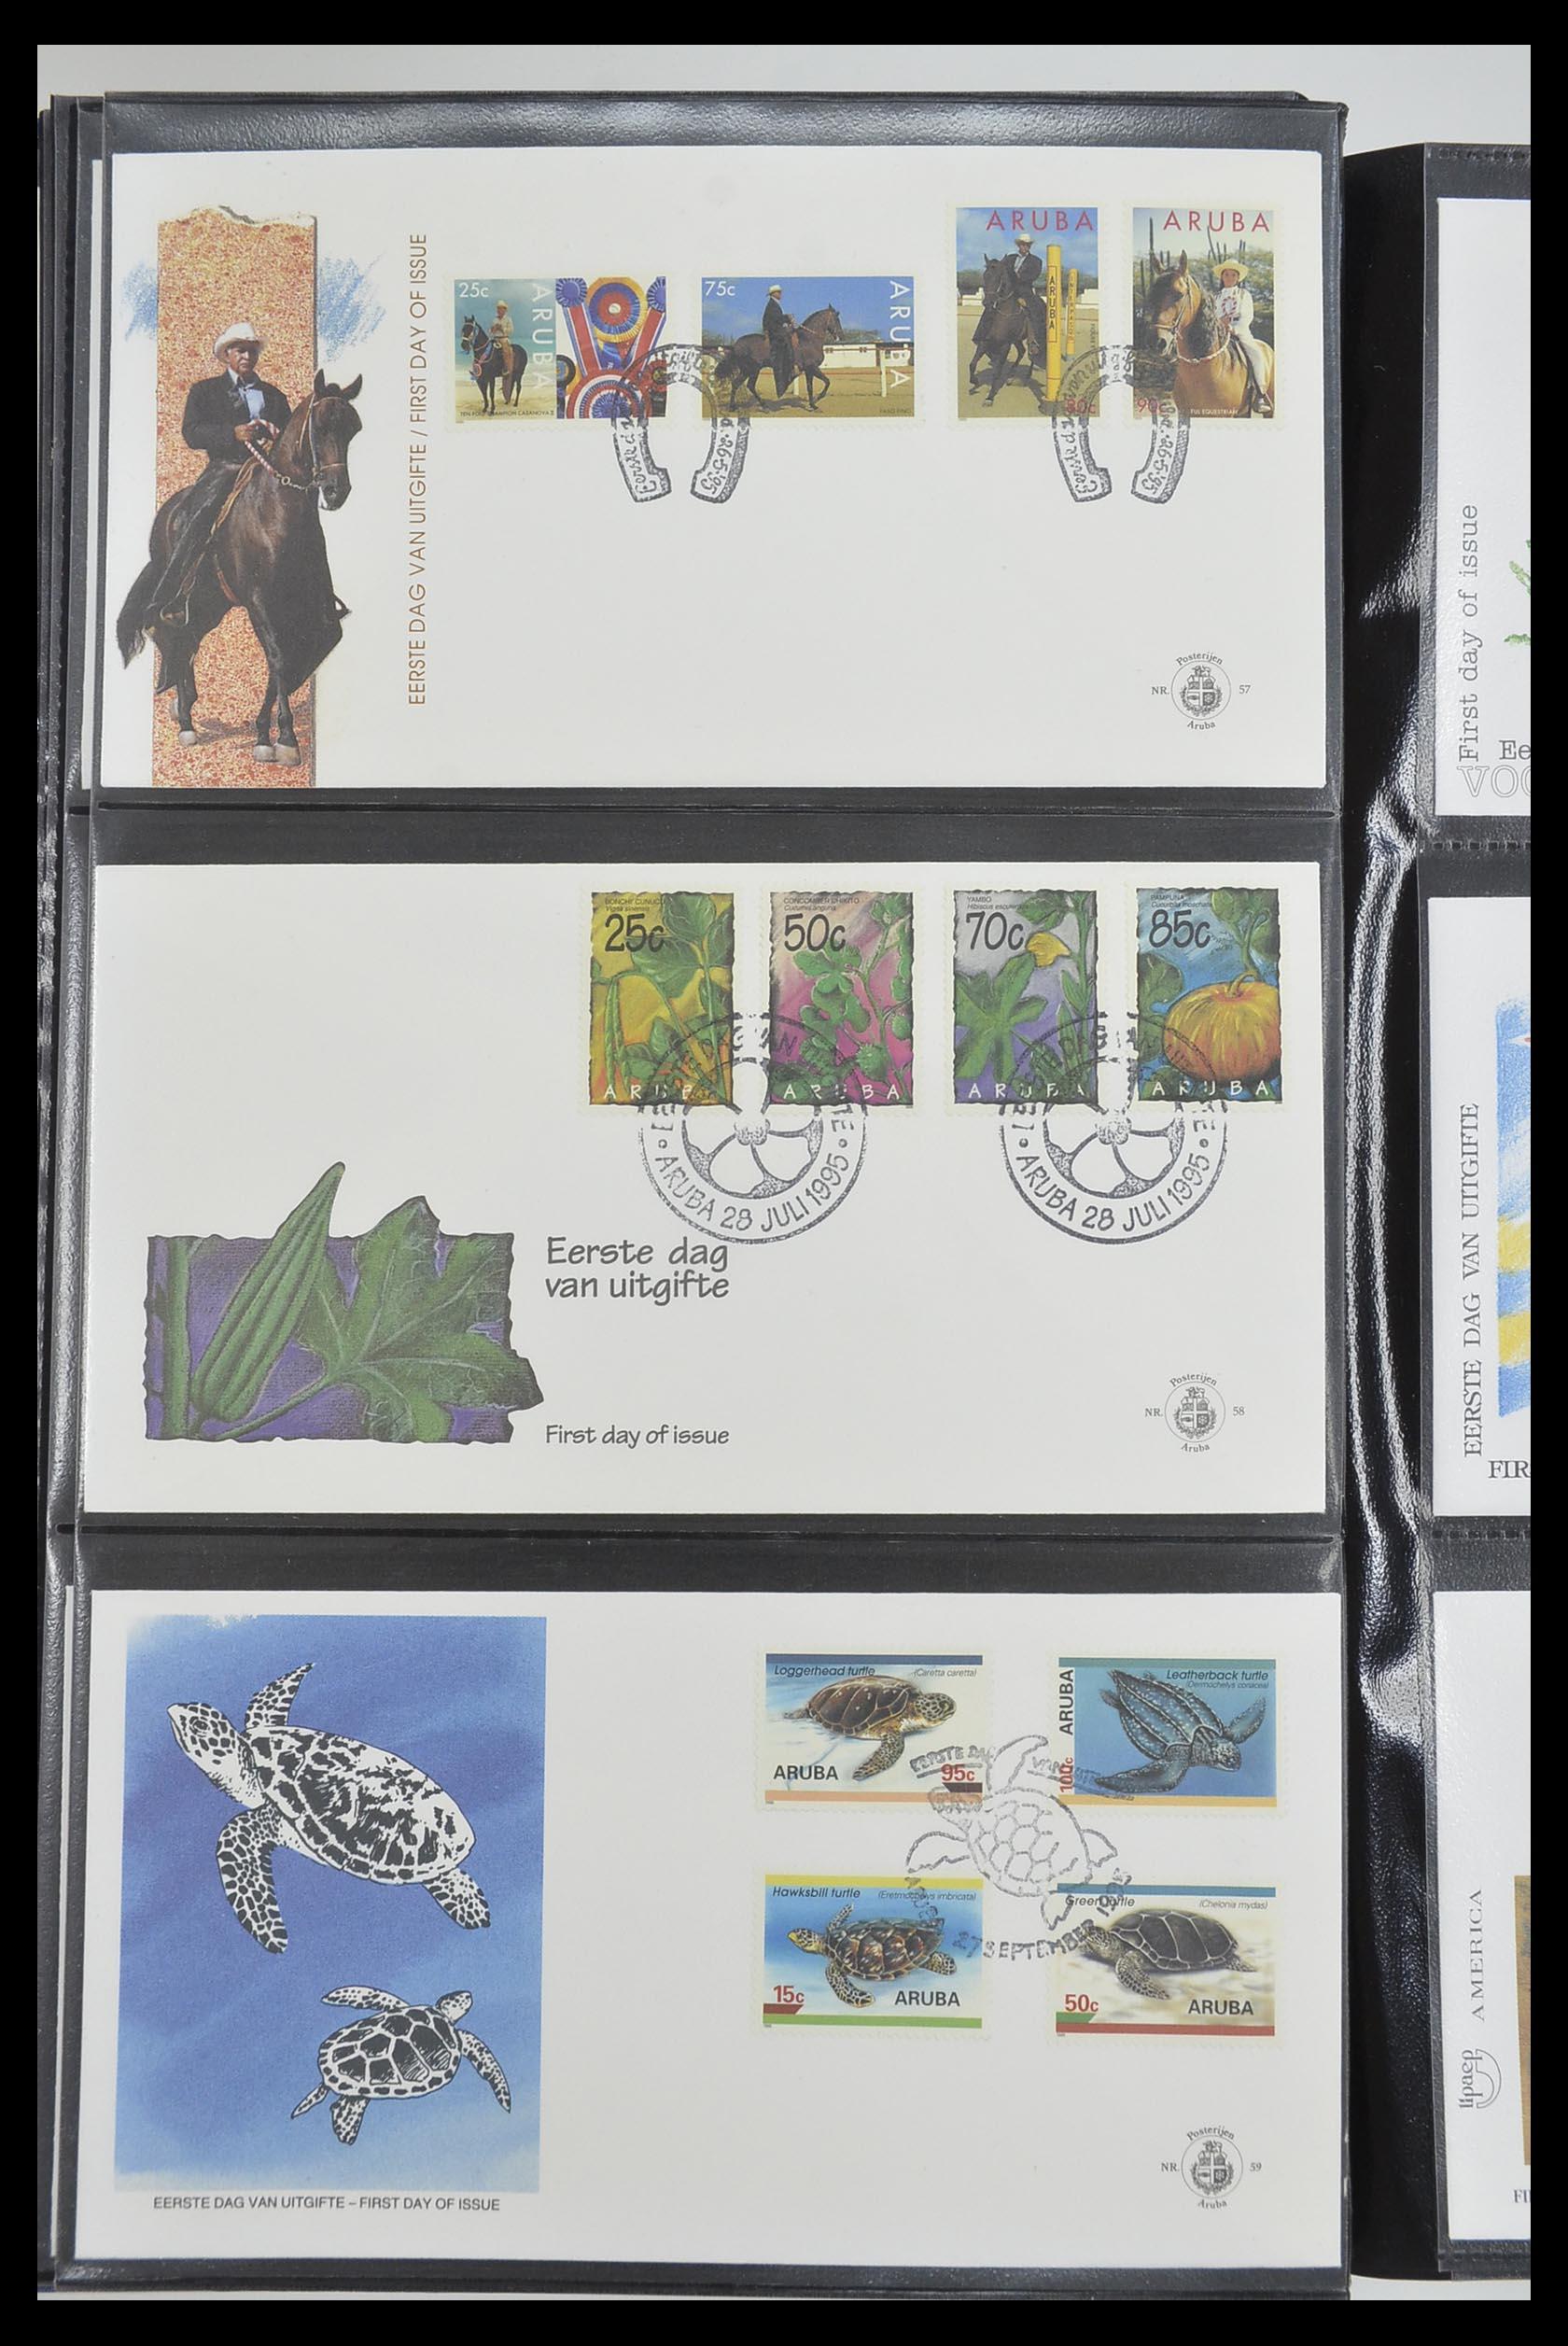 33585 020 - Postzegelverzameling 33585 Aruba FDC's 1986-2006.